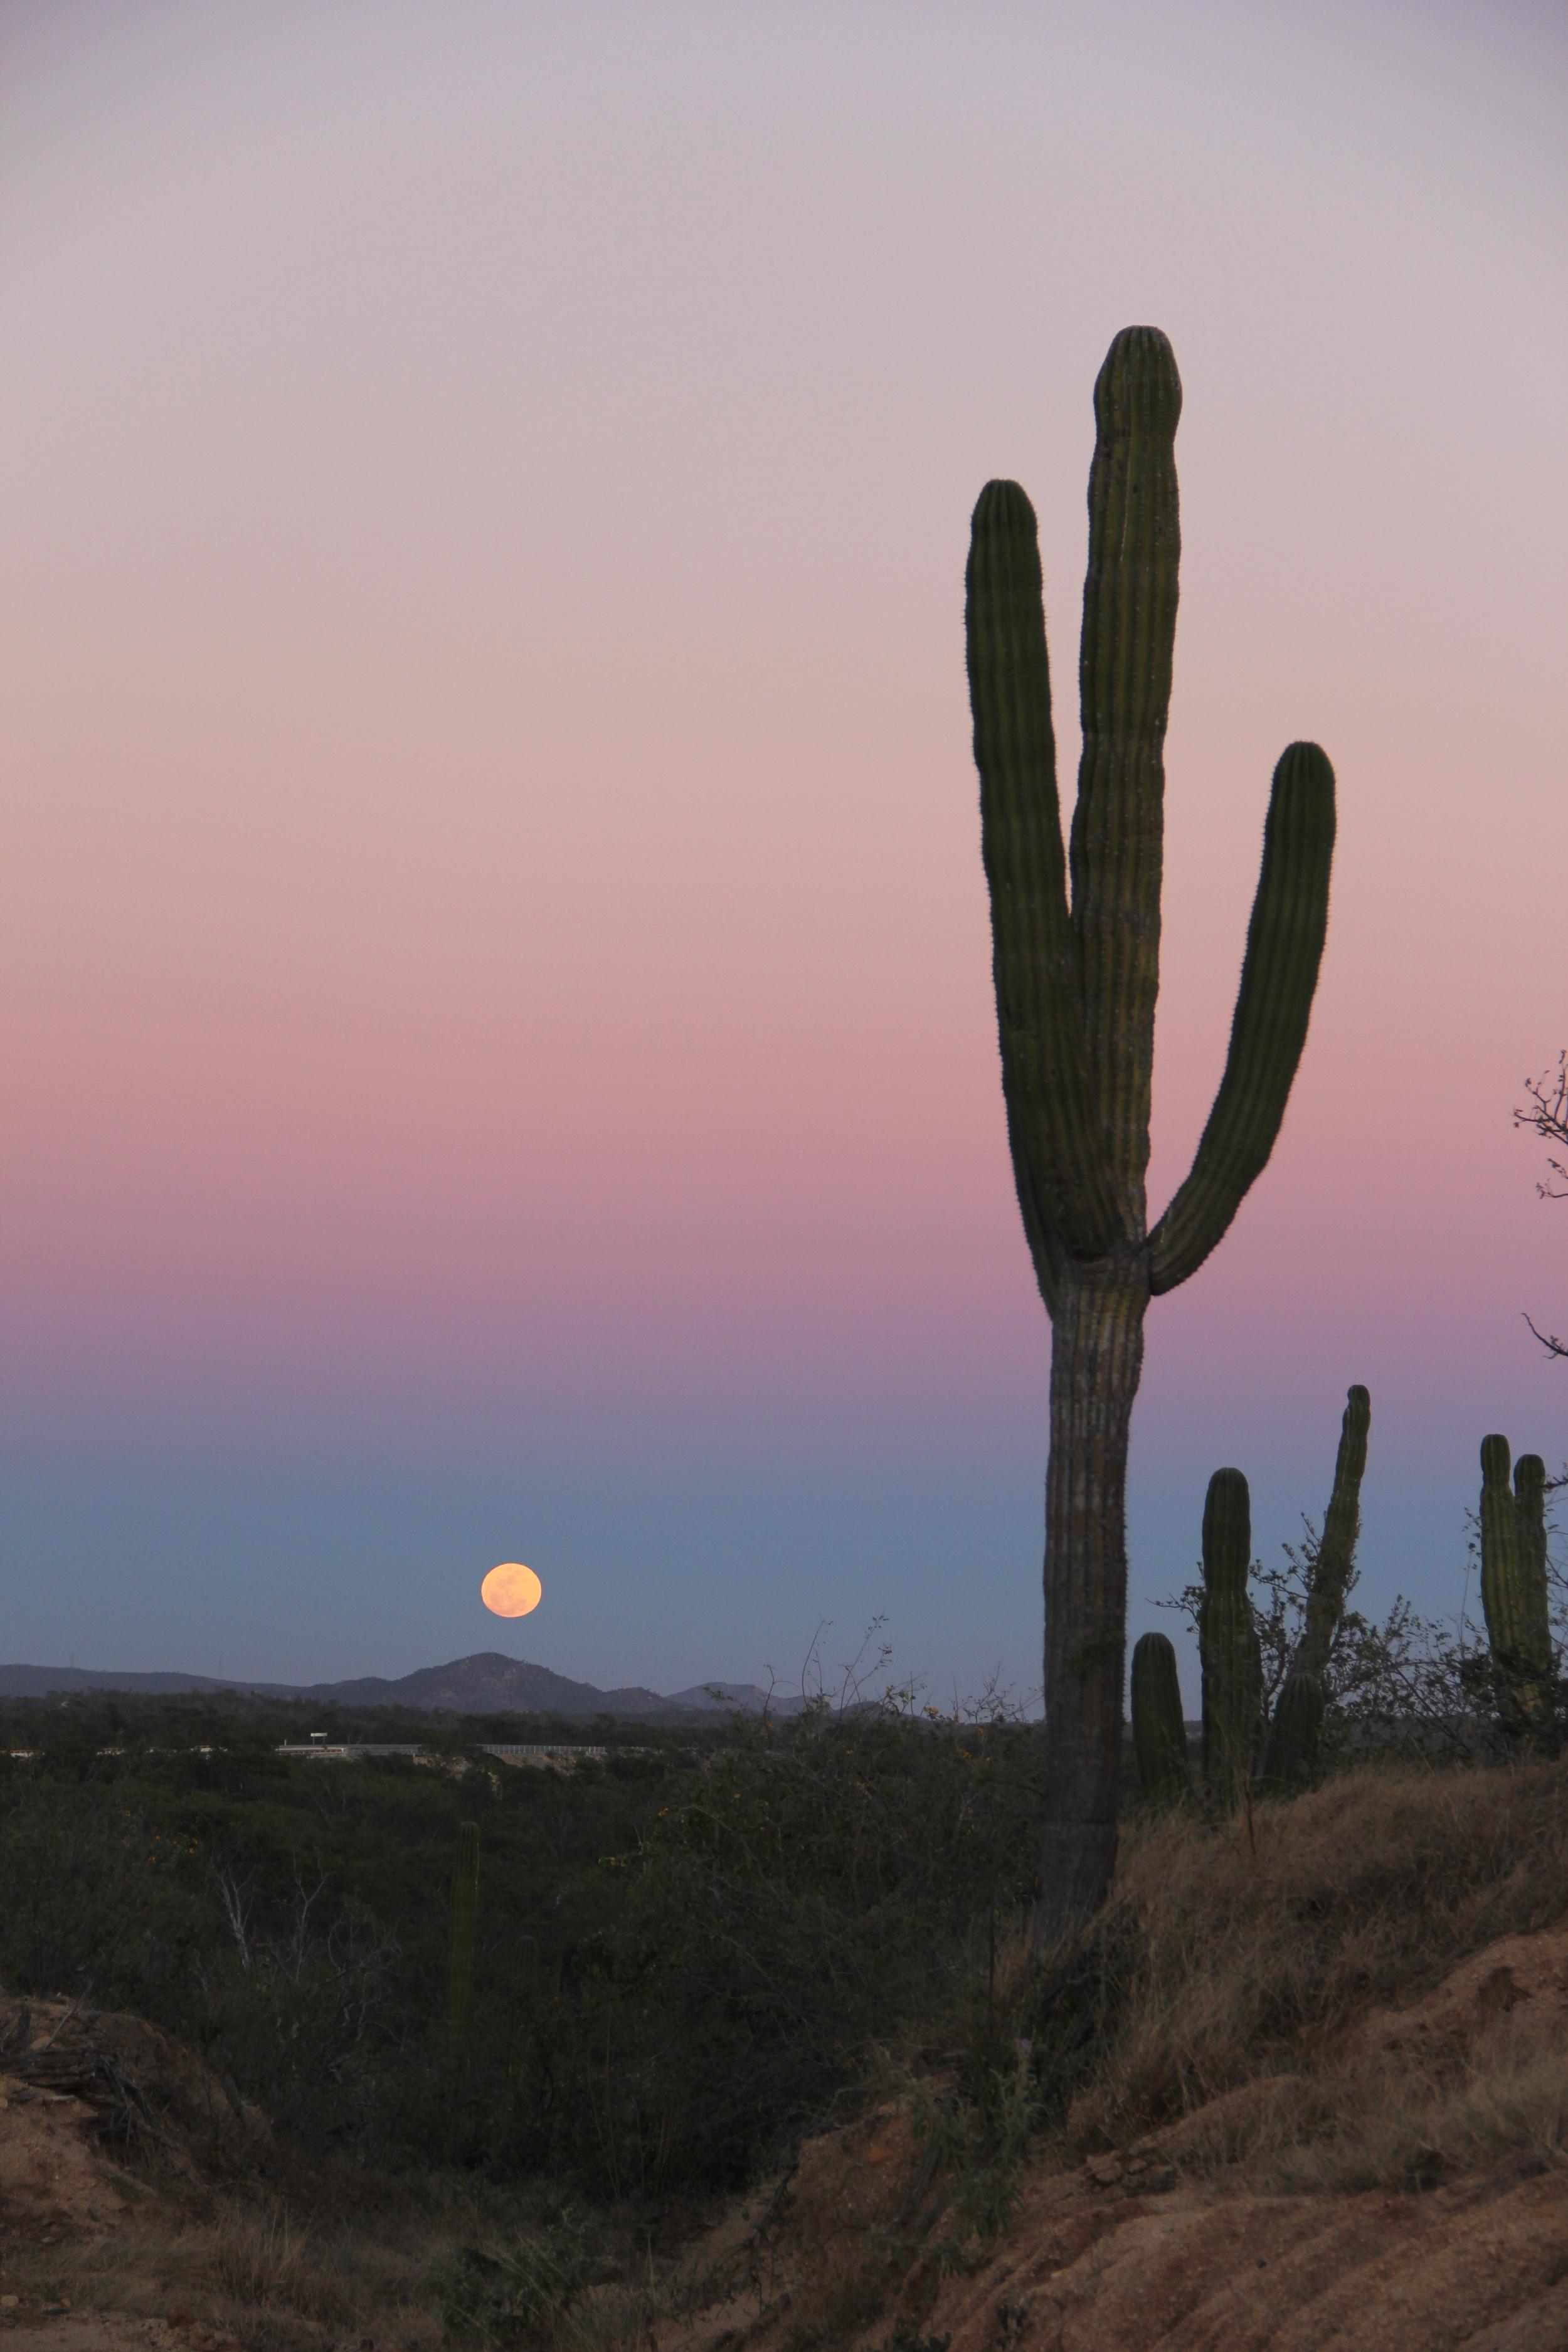 cardon cactus in baja california sur